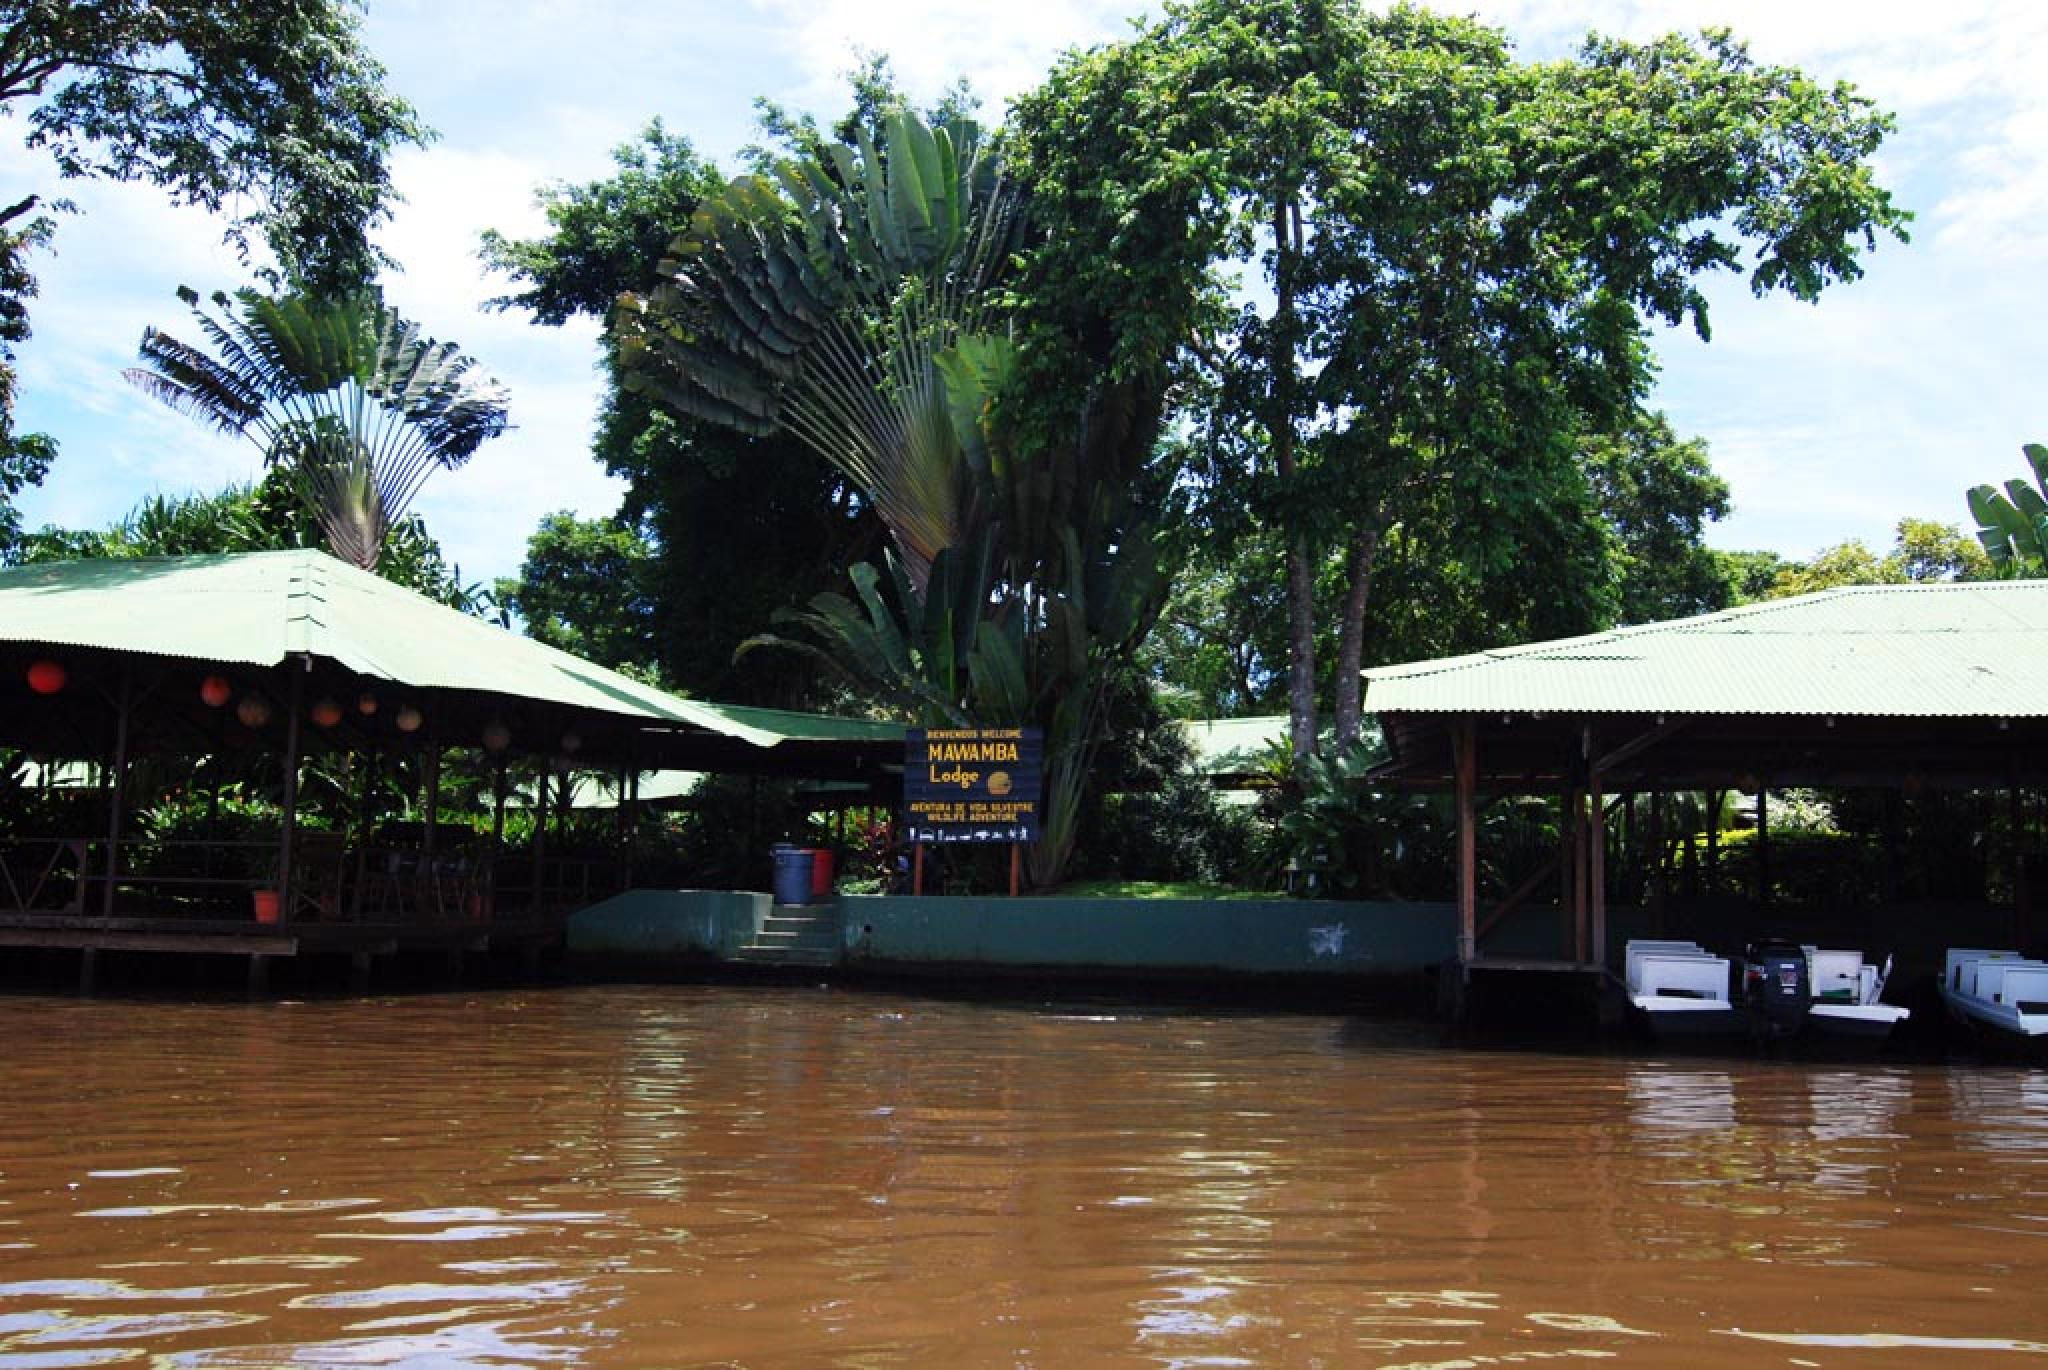 Hotel Mawamba